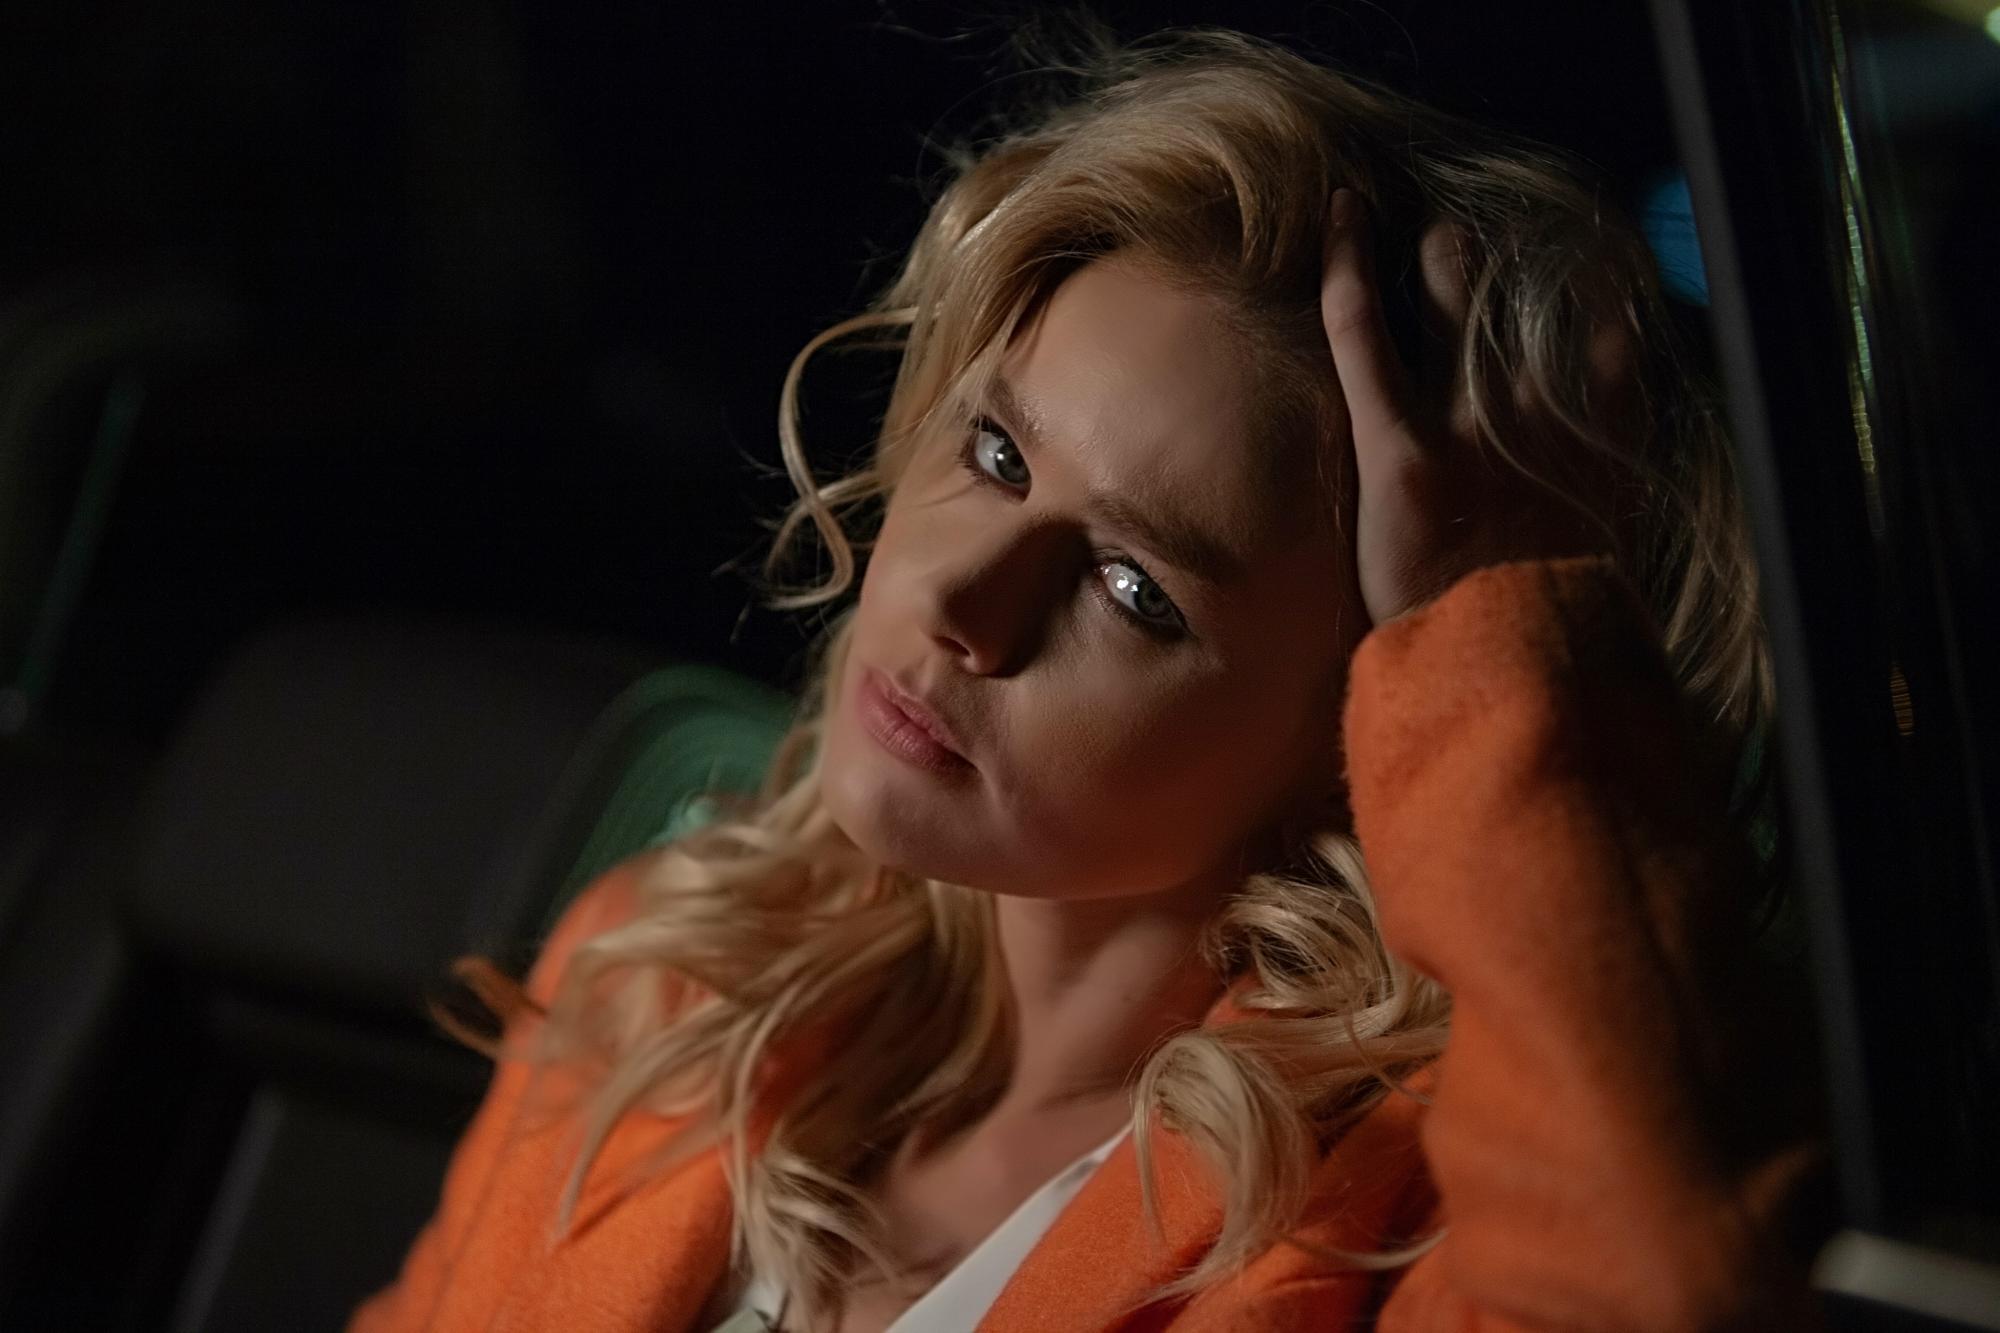 Катя Кузнецова рассказала о пользе самоизоляции и заботах о ролях (фото)